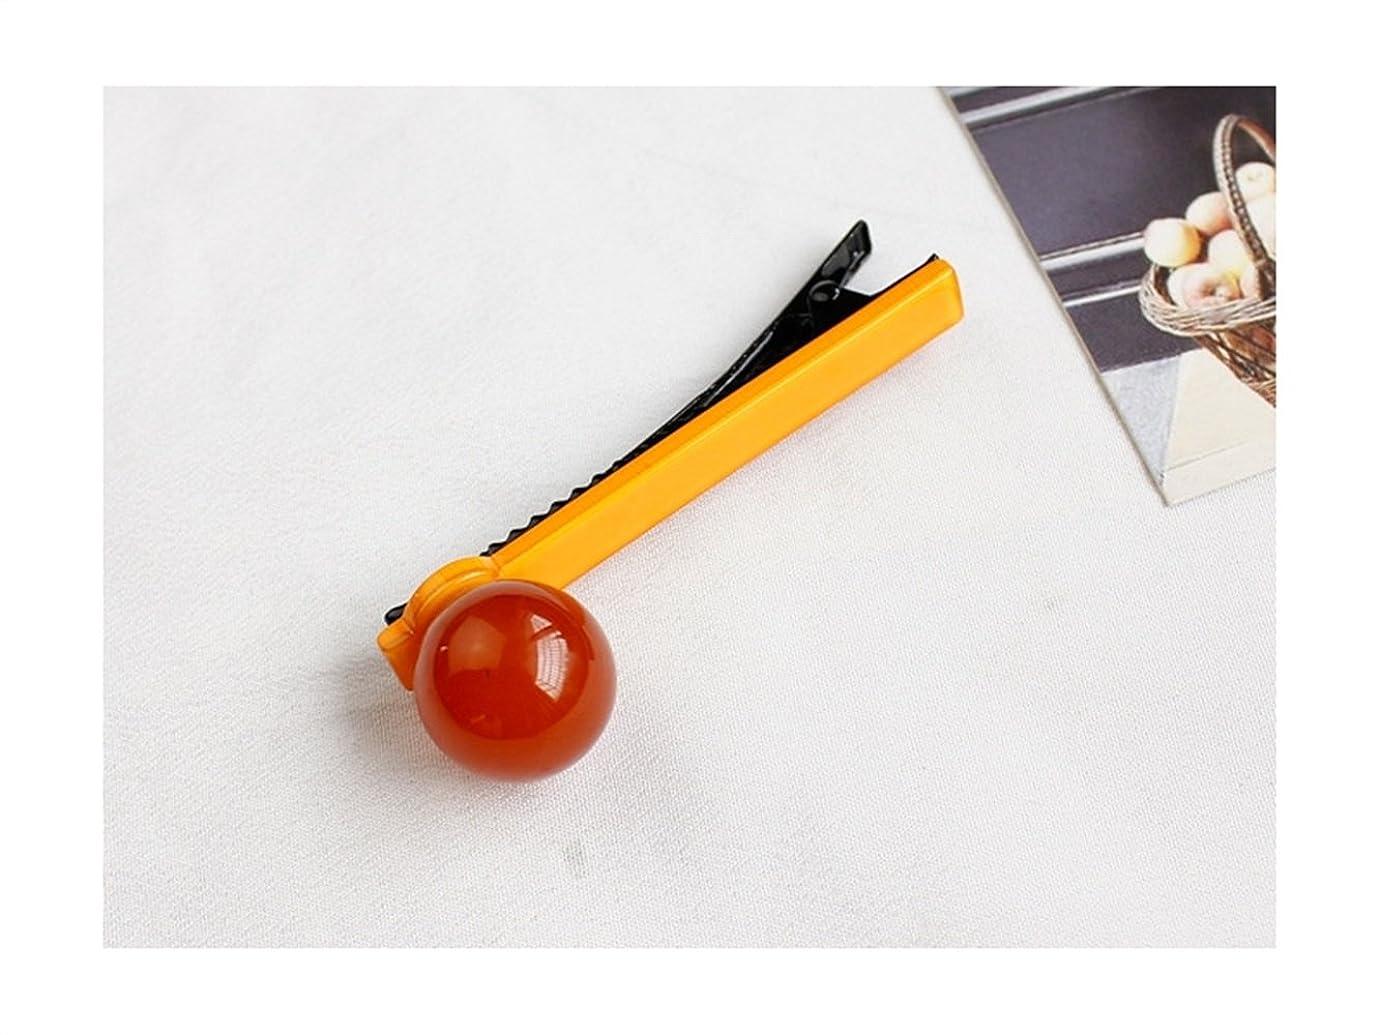 インスタンスソブリケット信頼性のあるOsize 美しいスタイル ラウンドボールキャンディーカラーバングヘアピンダックビルクリップサイドクリップ(レッド+オレンジ)